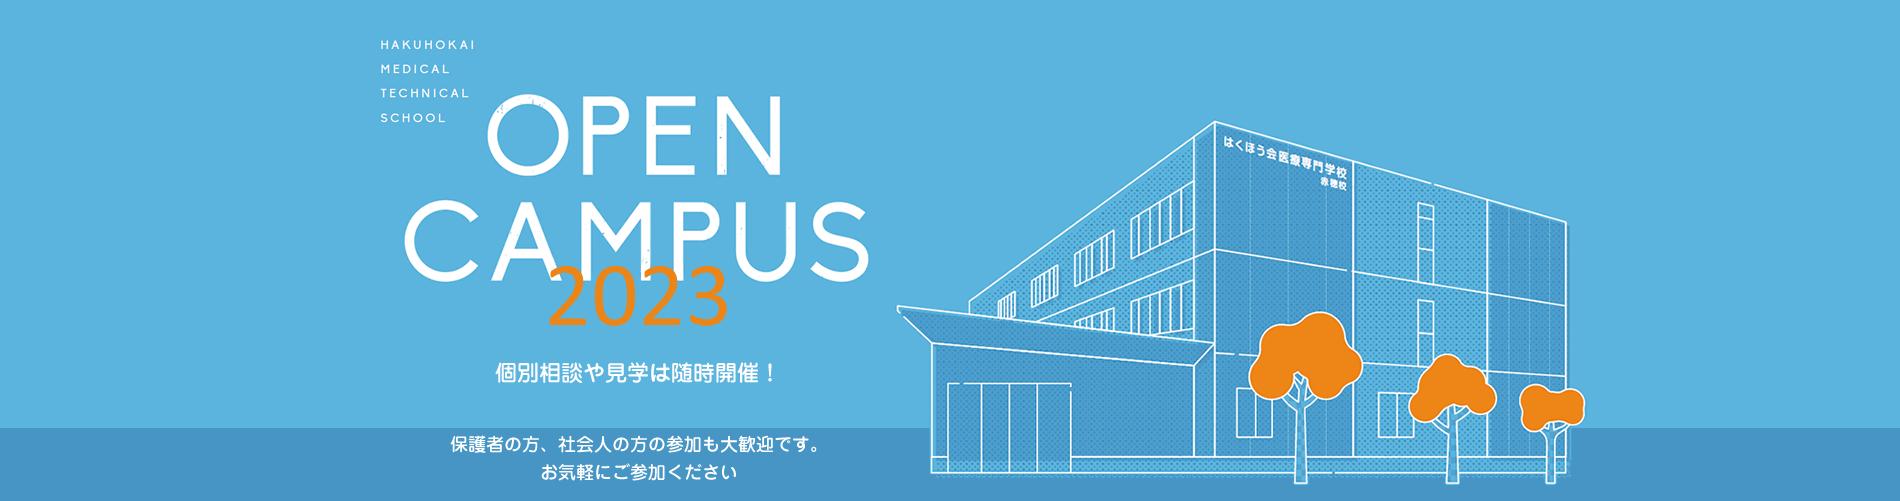 OpenCampus2020 体験授業や見学は随時受付。当校の魅力を体験できるイベント盛りだくさん!